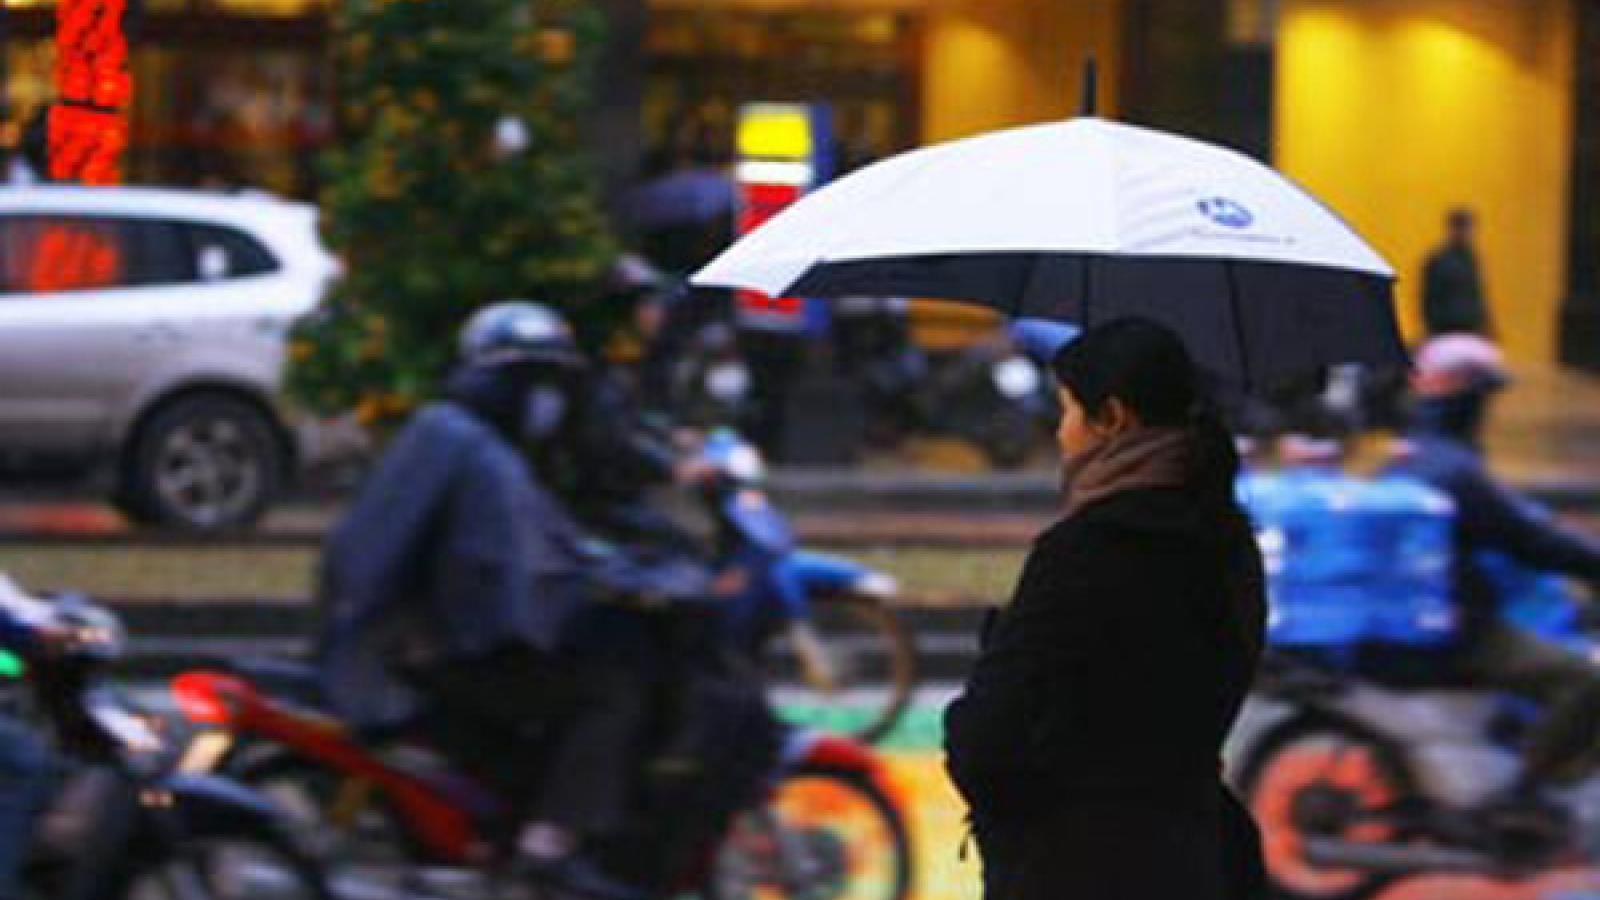 Thời tiết ngày 3/12: Hà Nội và miền Bắc rét ngọt, có nắng ấm vào buổi trưa